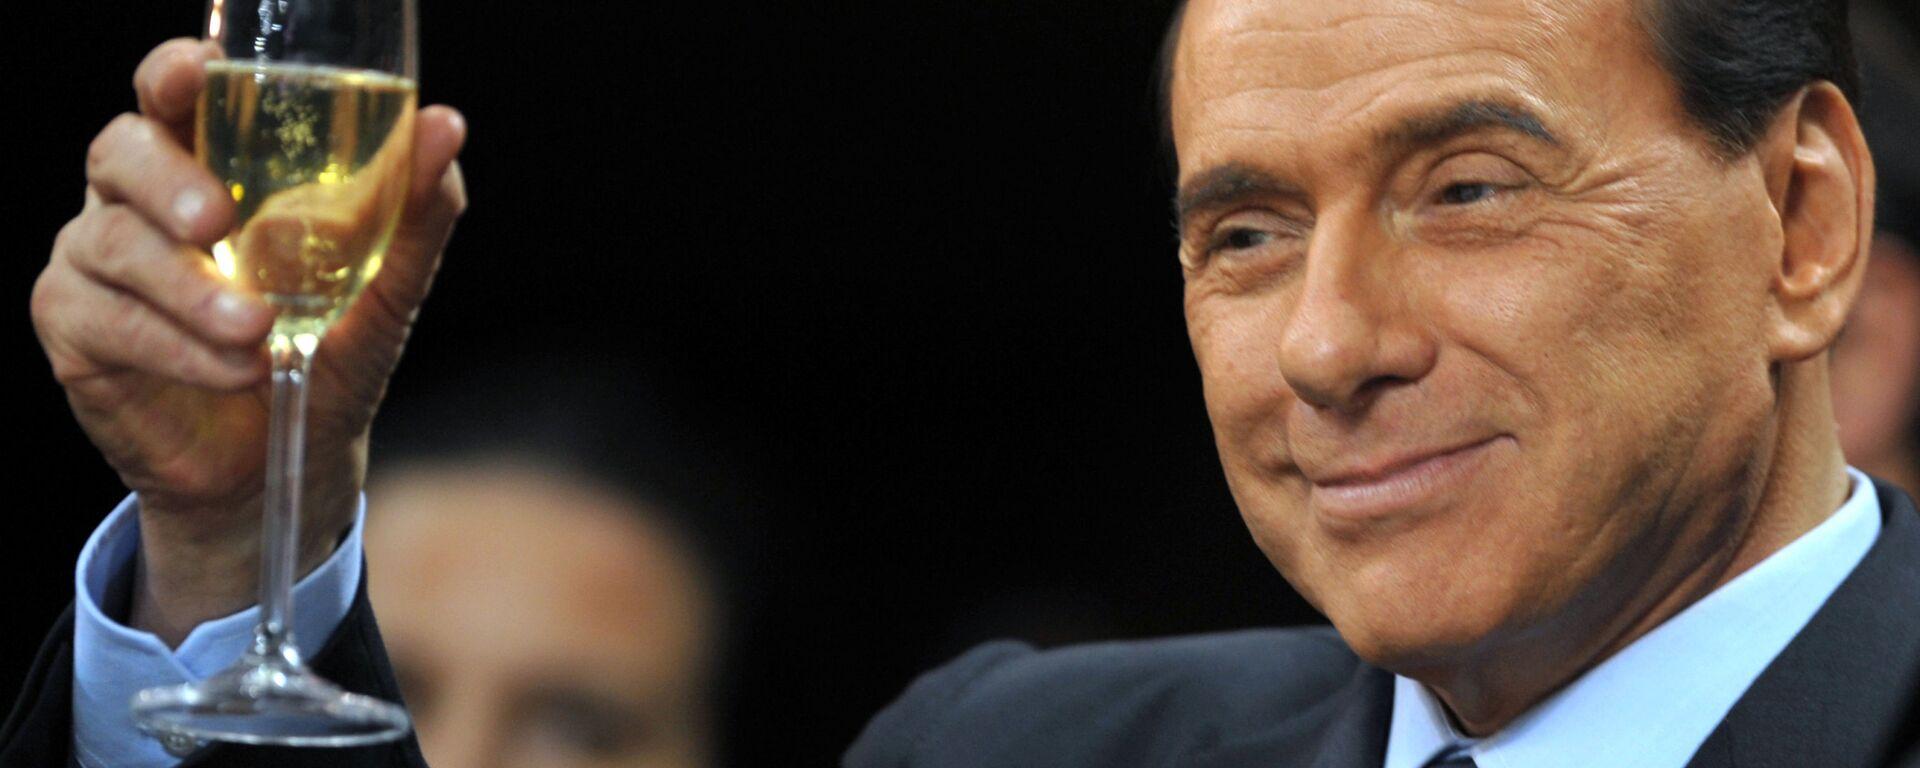 Silvio Berlusconi prima di una partita di calcio Serie A al San Siro Stadium a Milano. - Sputnik Italia, 1920, 29.09.2018